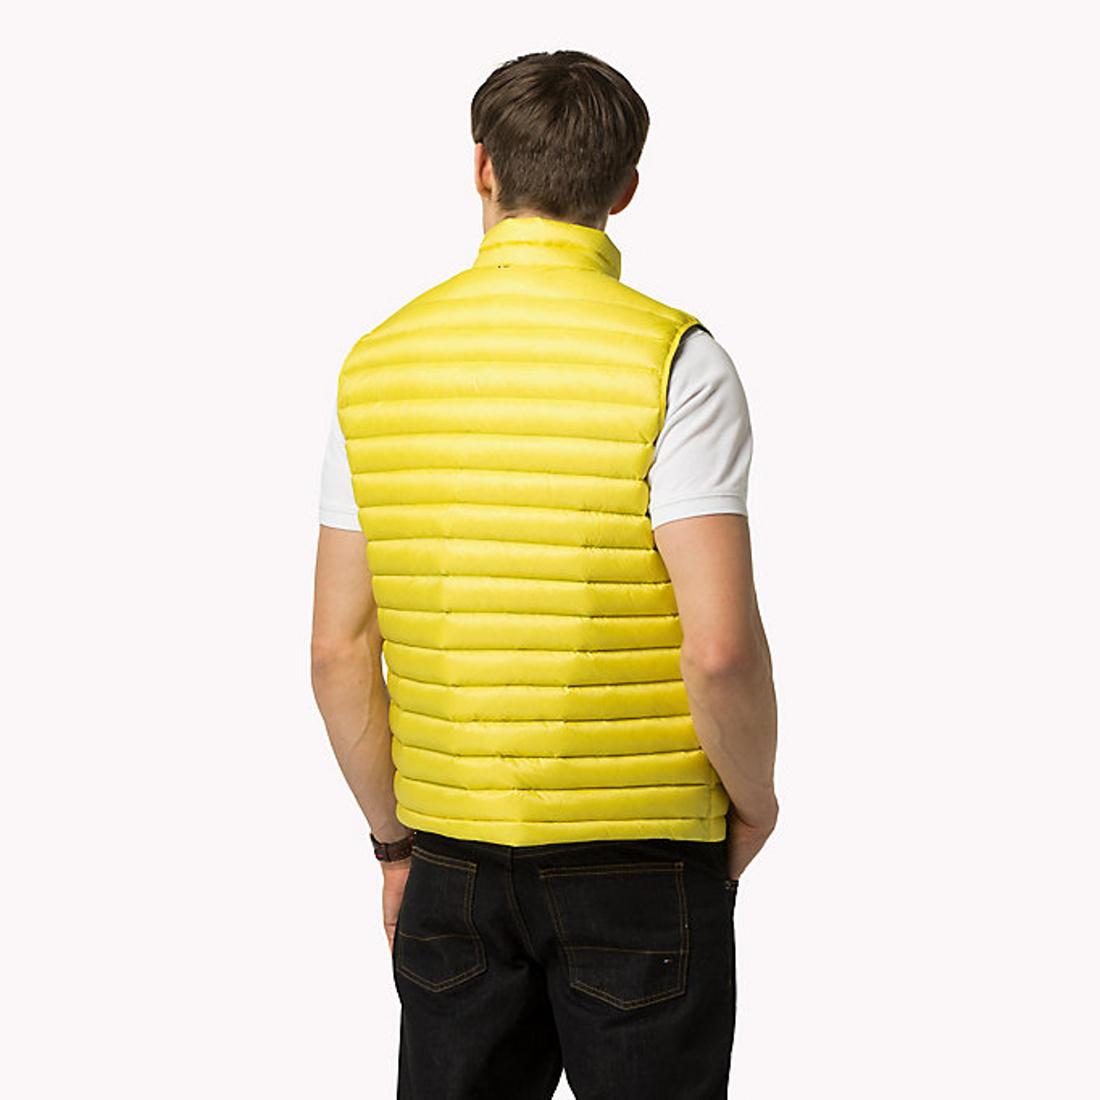 Tommy Hilfiger pánská žlutá péřová vesta - Mode.cz 46cefd237ad